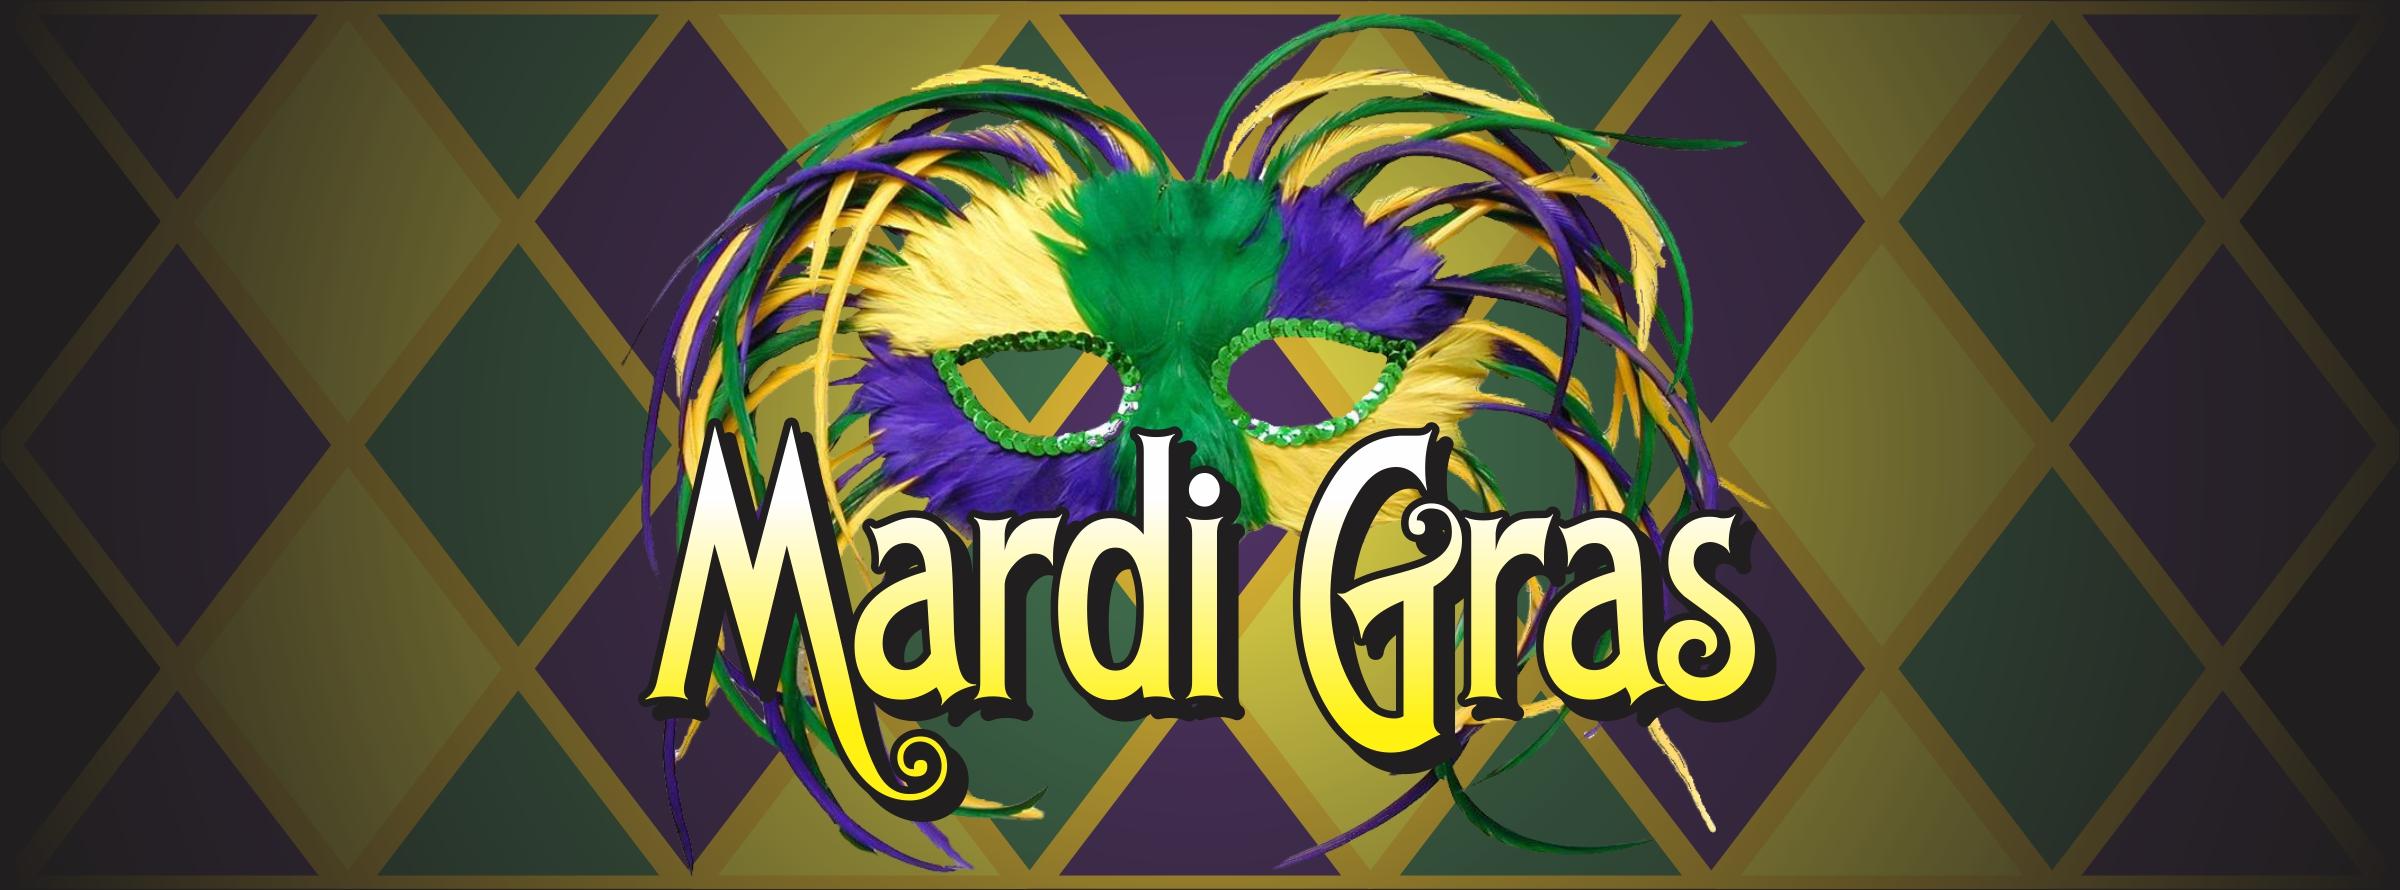 Mardi Gras Computer Wallpapers Desktop Backgrounds 2400x890